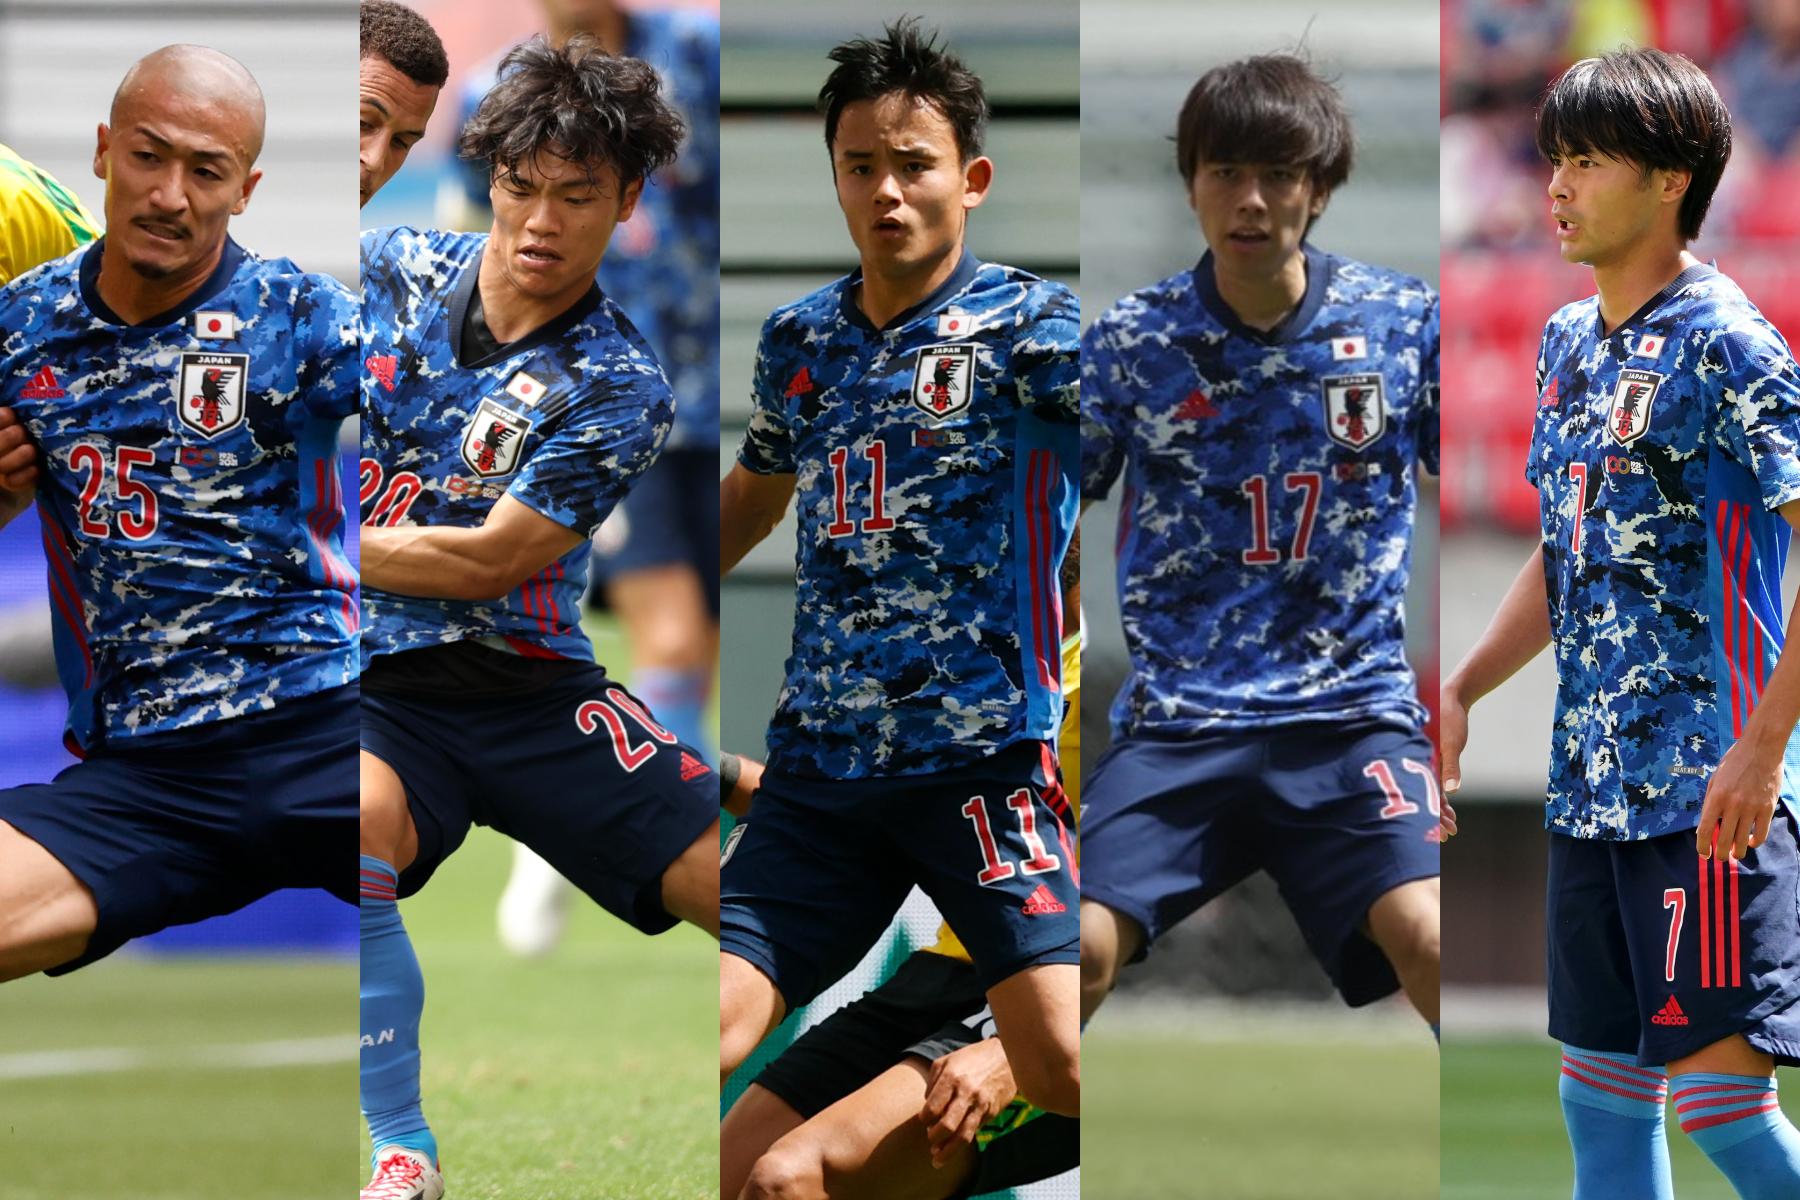 ジャマイカ戦の出場選手のパフォーマンスをチェック【写真:Yukihito Taguchi & Getty Images】